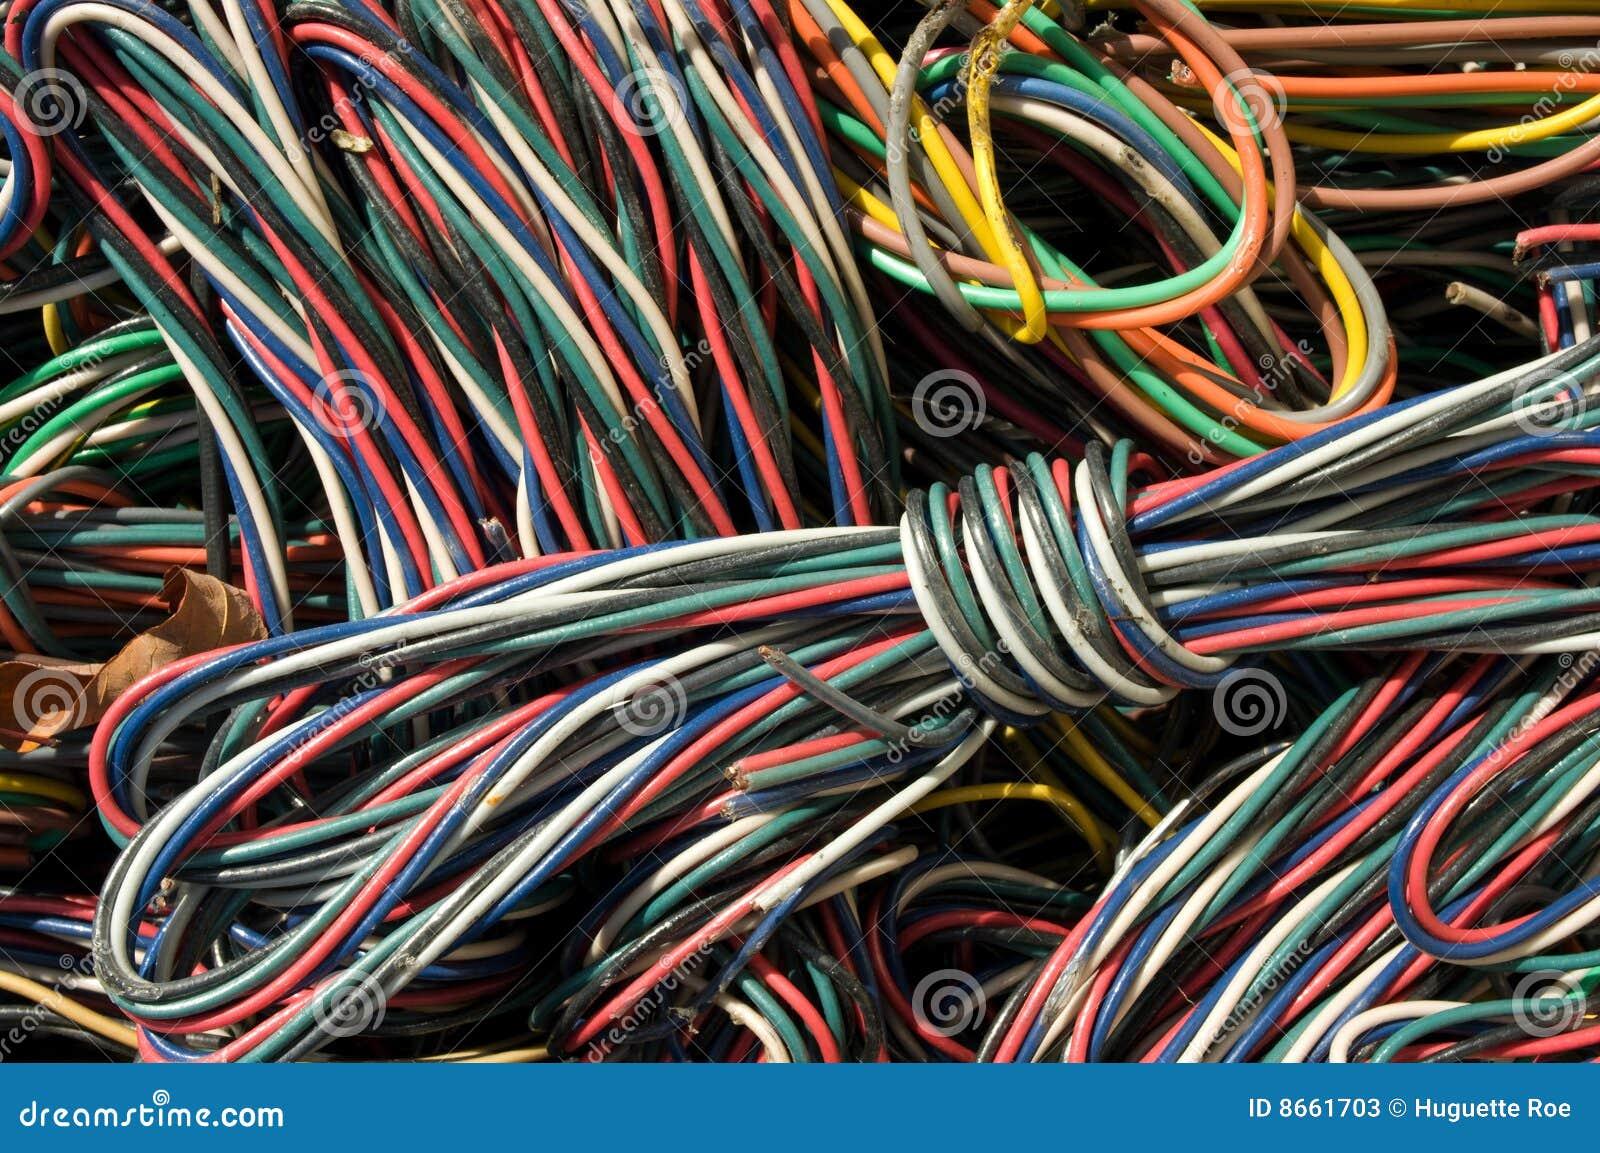 Kable zamykają zamykać